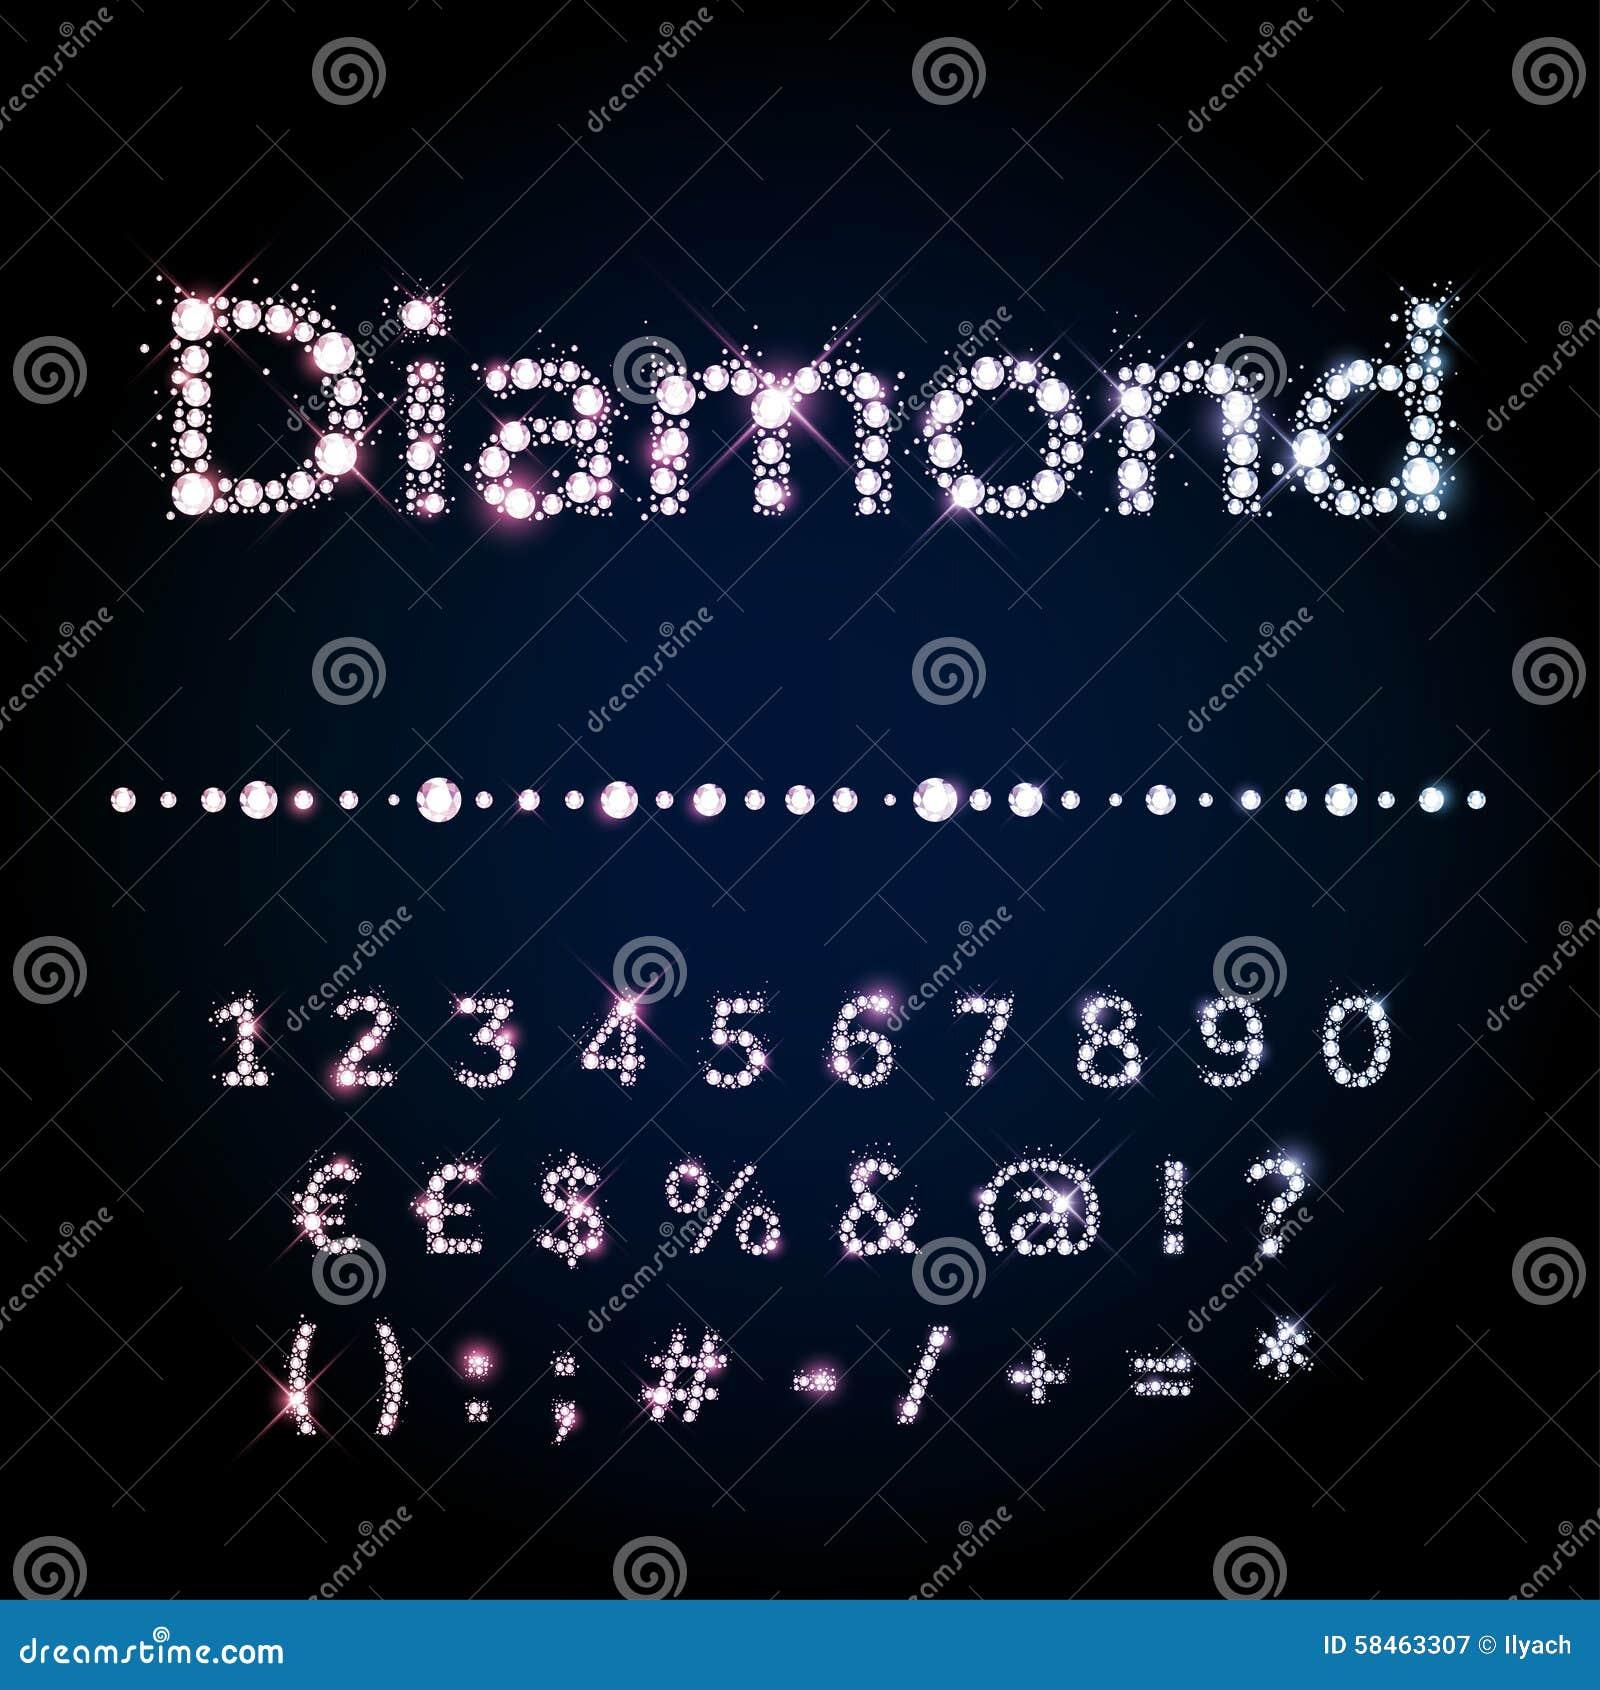 Błyszczące diamentowe chrzcielnica setu liczby i specjalni symbole